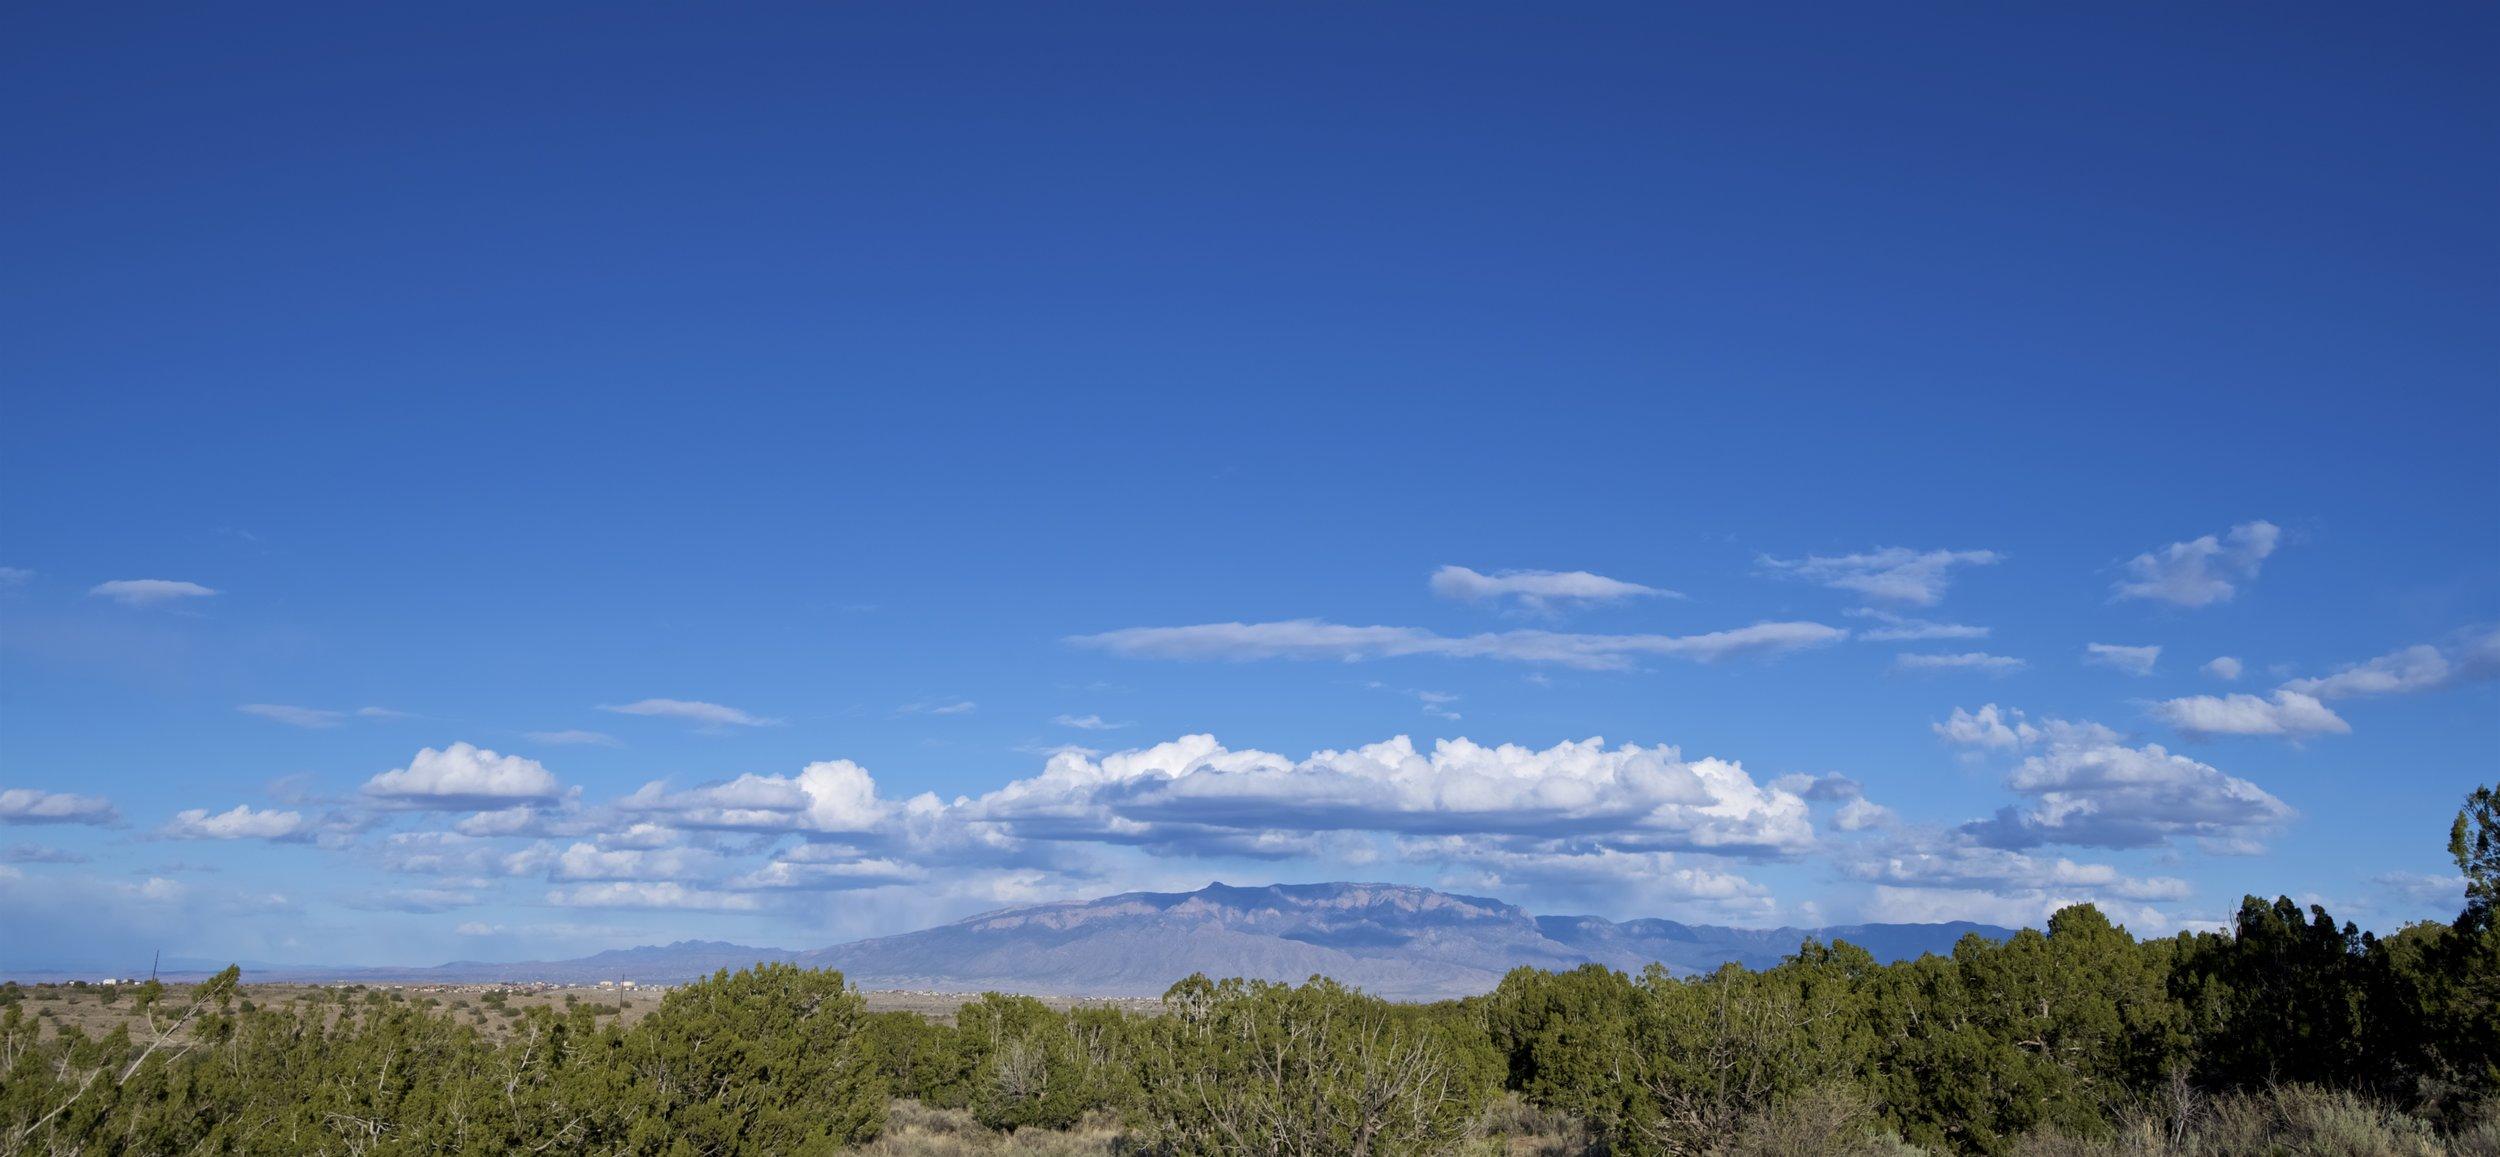 SNNM-2231-rio-rancho-125694.jpg